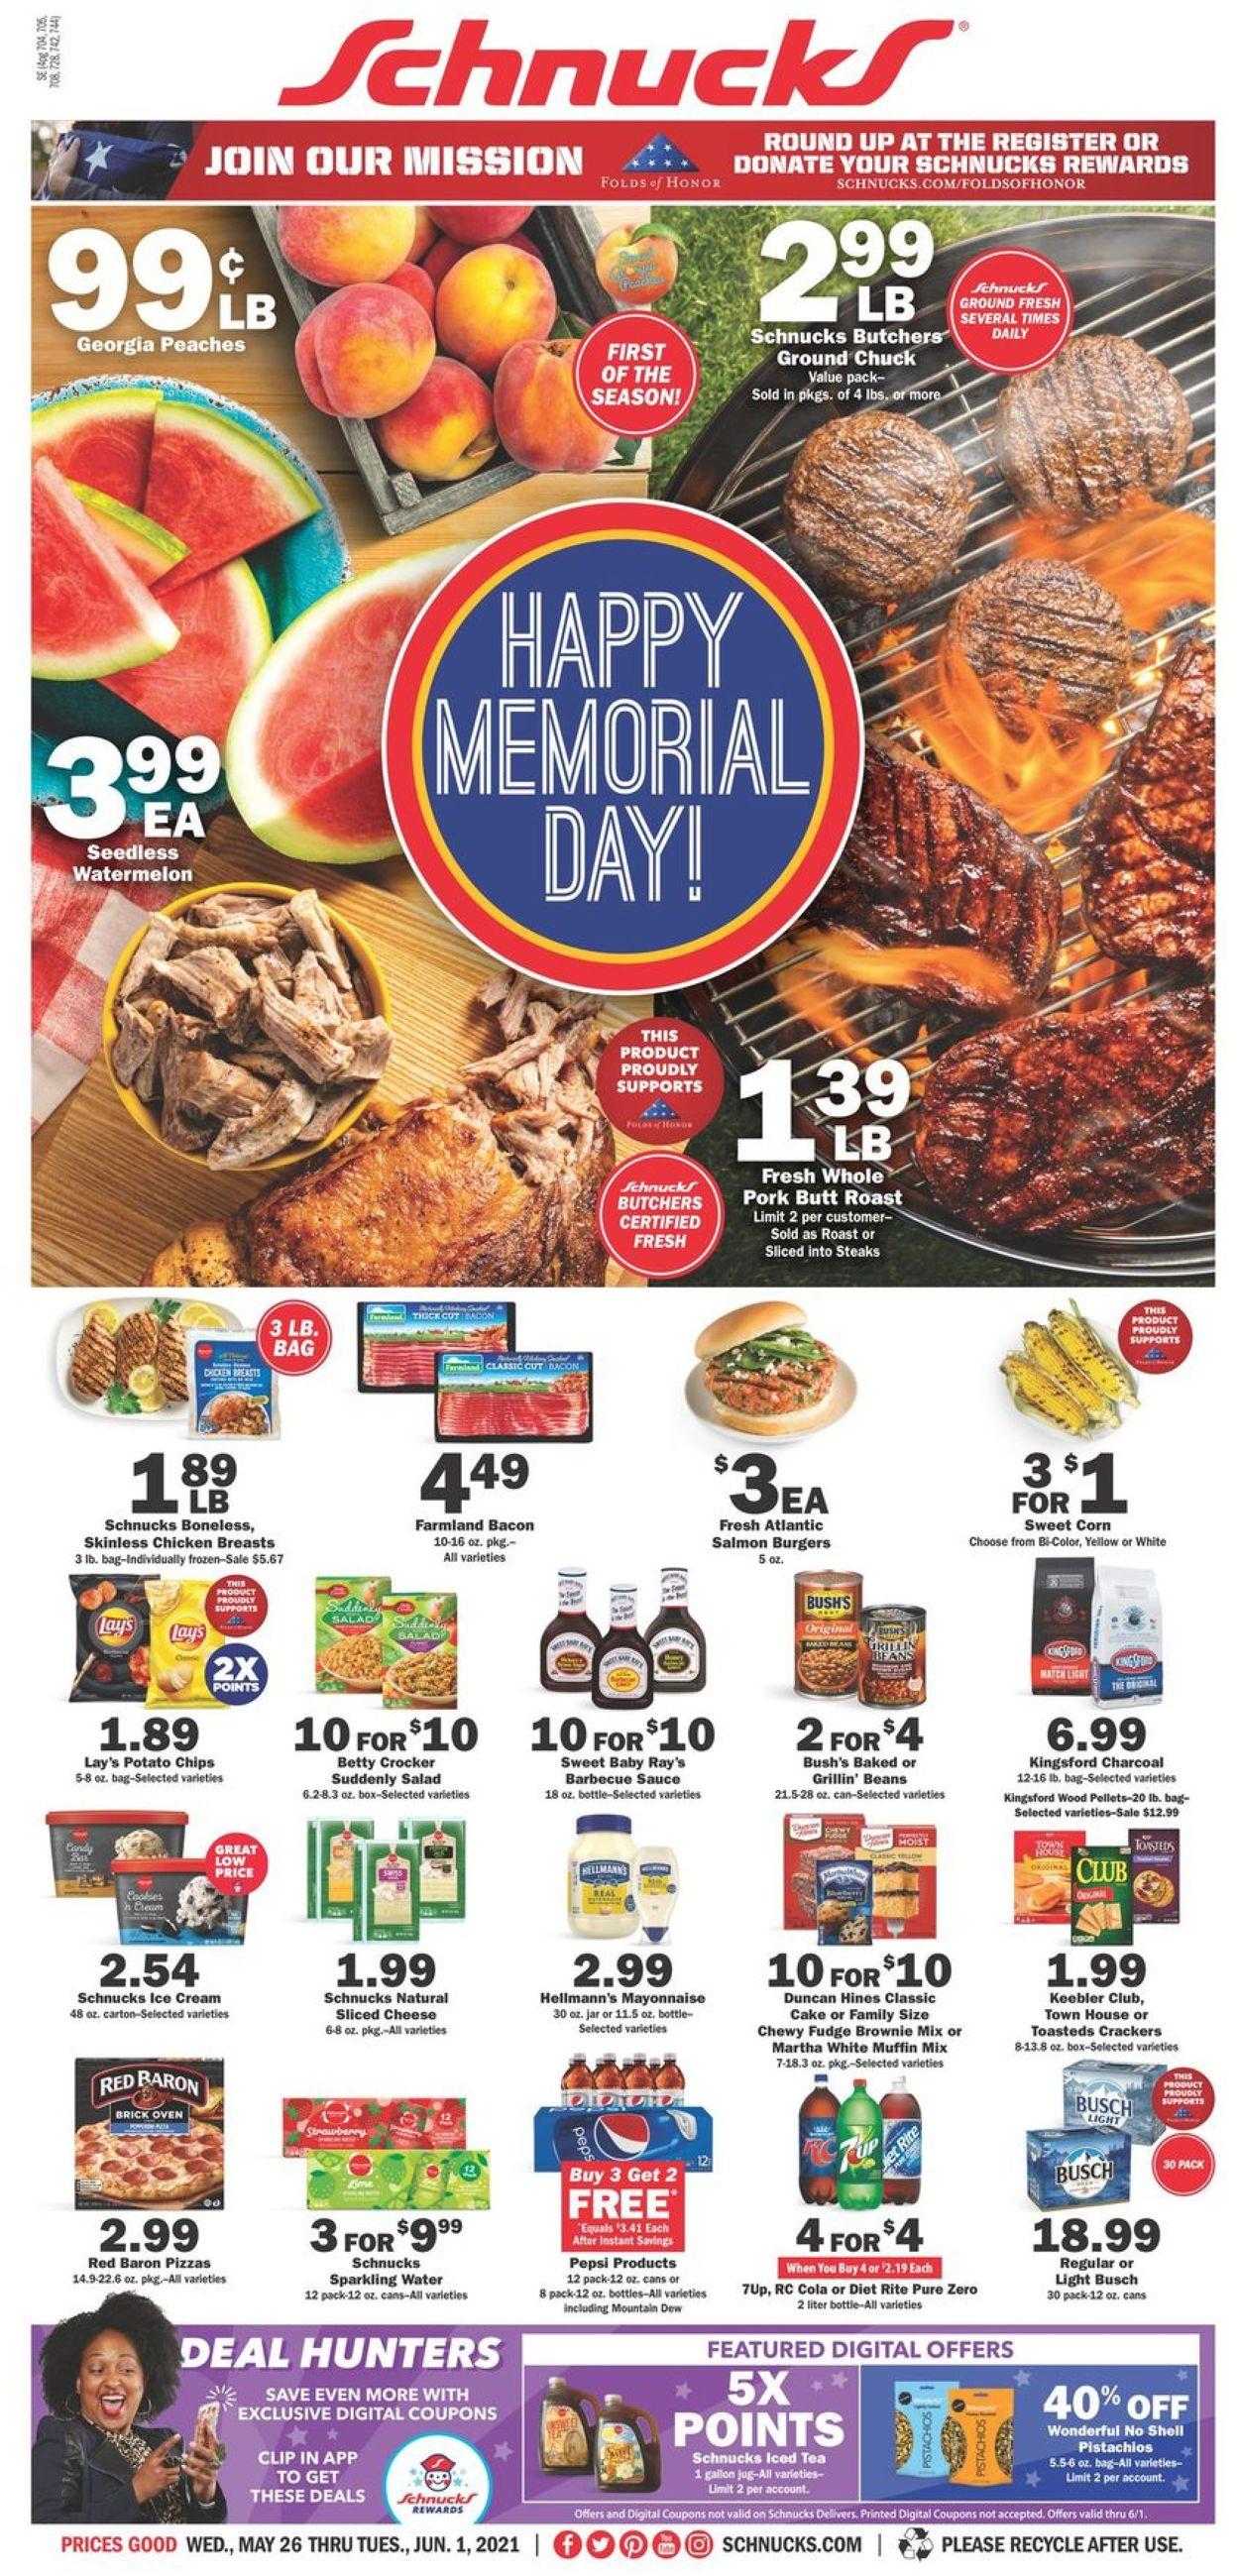 Schnucks Weekly Ad Circular - valid 05/26-06/01/2021